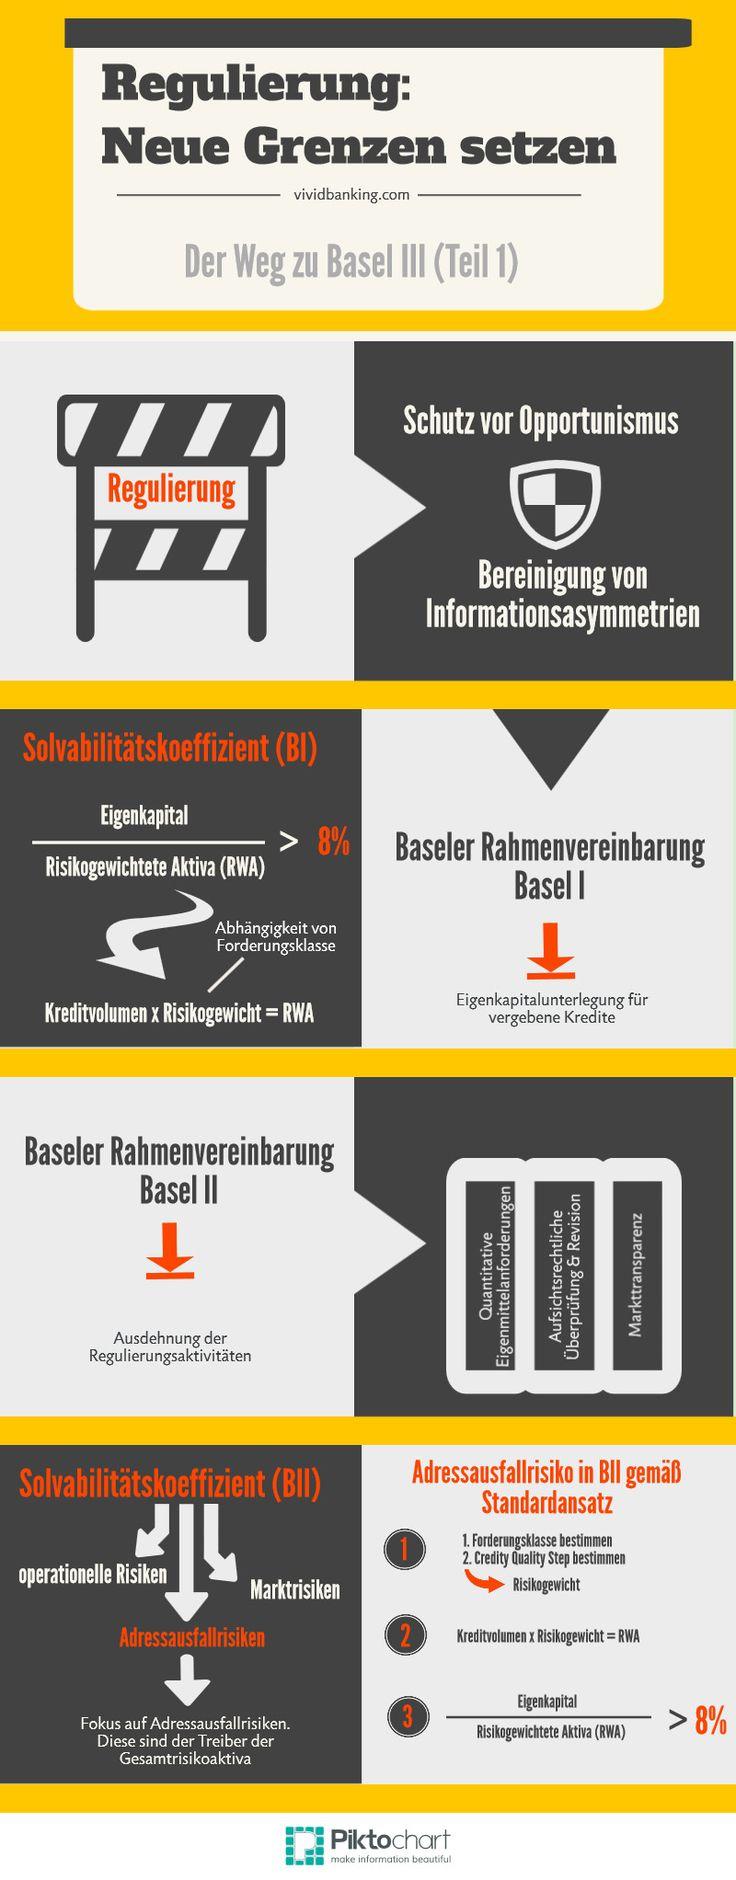 Regulierung – Neue Grenzen setzen und der Weg zu Basel III (Teil 1) Warum wird Regulierung benötigt und wie ist diese ausgestaltet worden? Die Existenz regulatorischer Aktivitäten kann mit der Prinzipal Agent Theorie begründet werden. Dabei greift die Regulierung als schützende Instanz in die Bankgeschäfte ein und mindert die Informationsasymmetrien zwischen Banken und Märkten... #regulierung #baselII #risikoaktiva